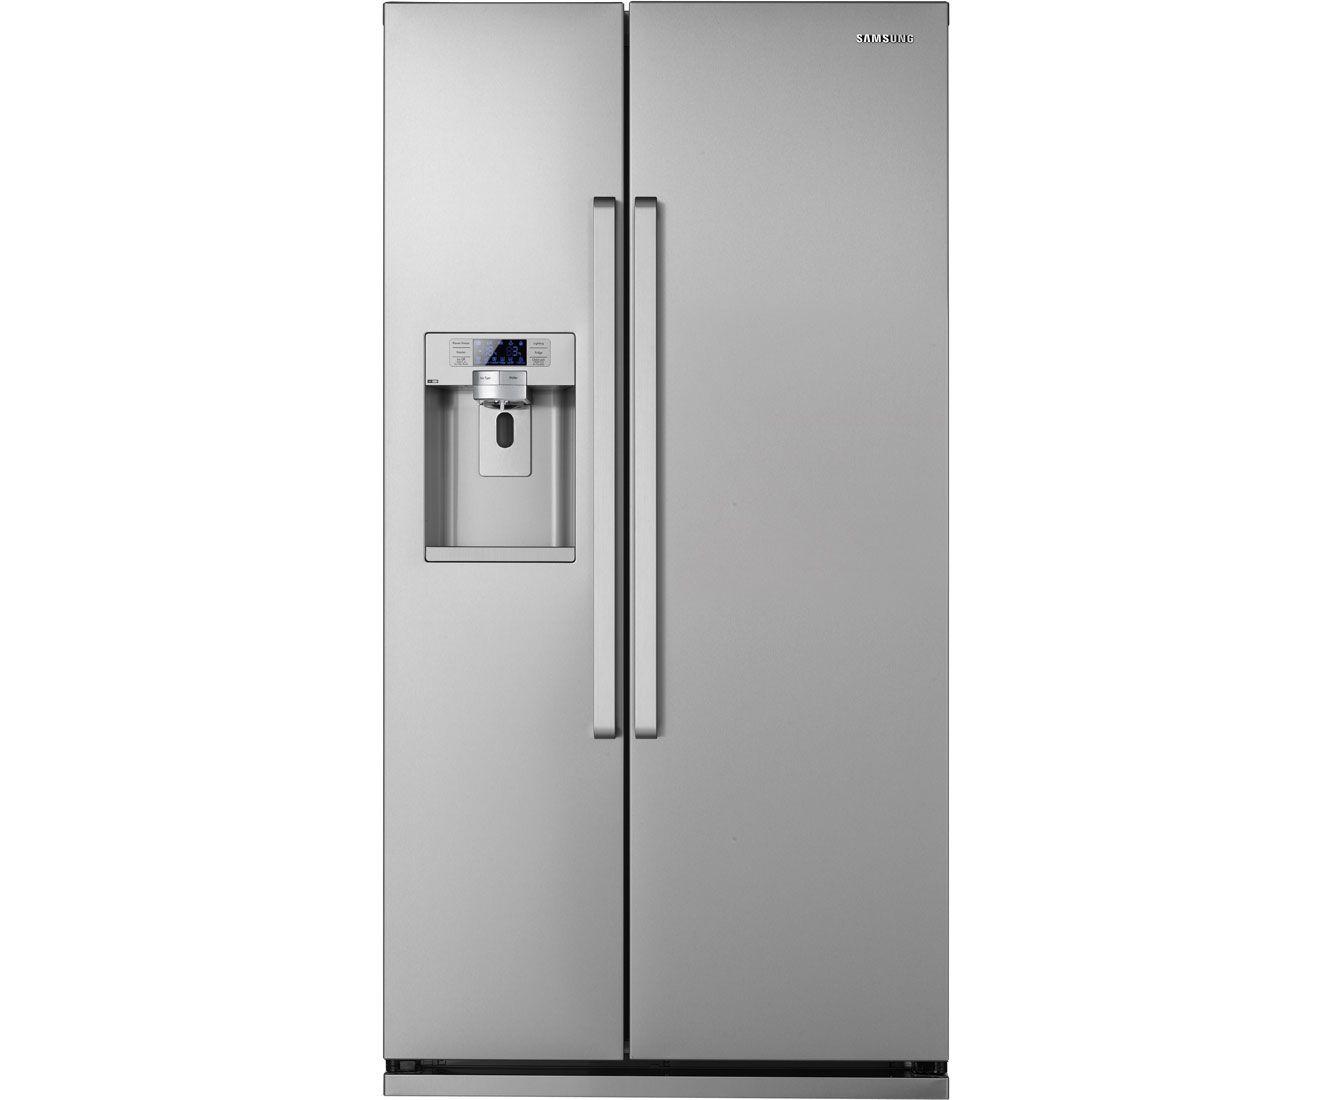 1099 AO.com Samsung G-Series RSG5UCRS American Fridge Freezer ...